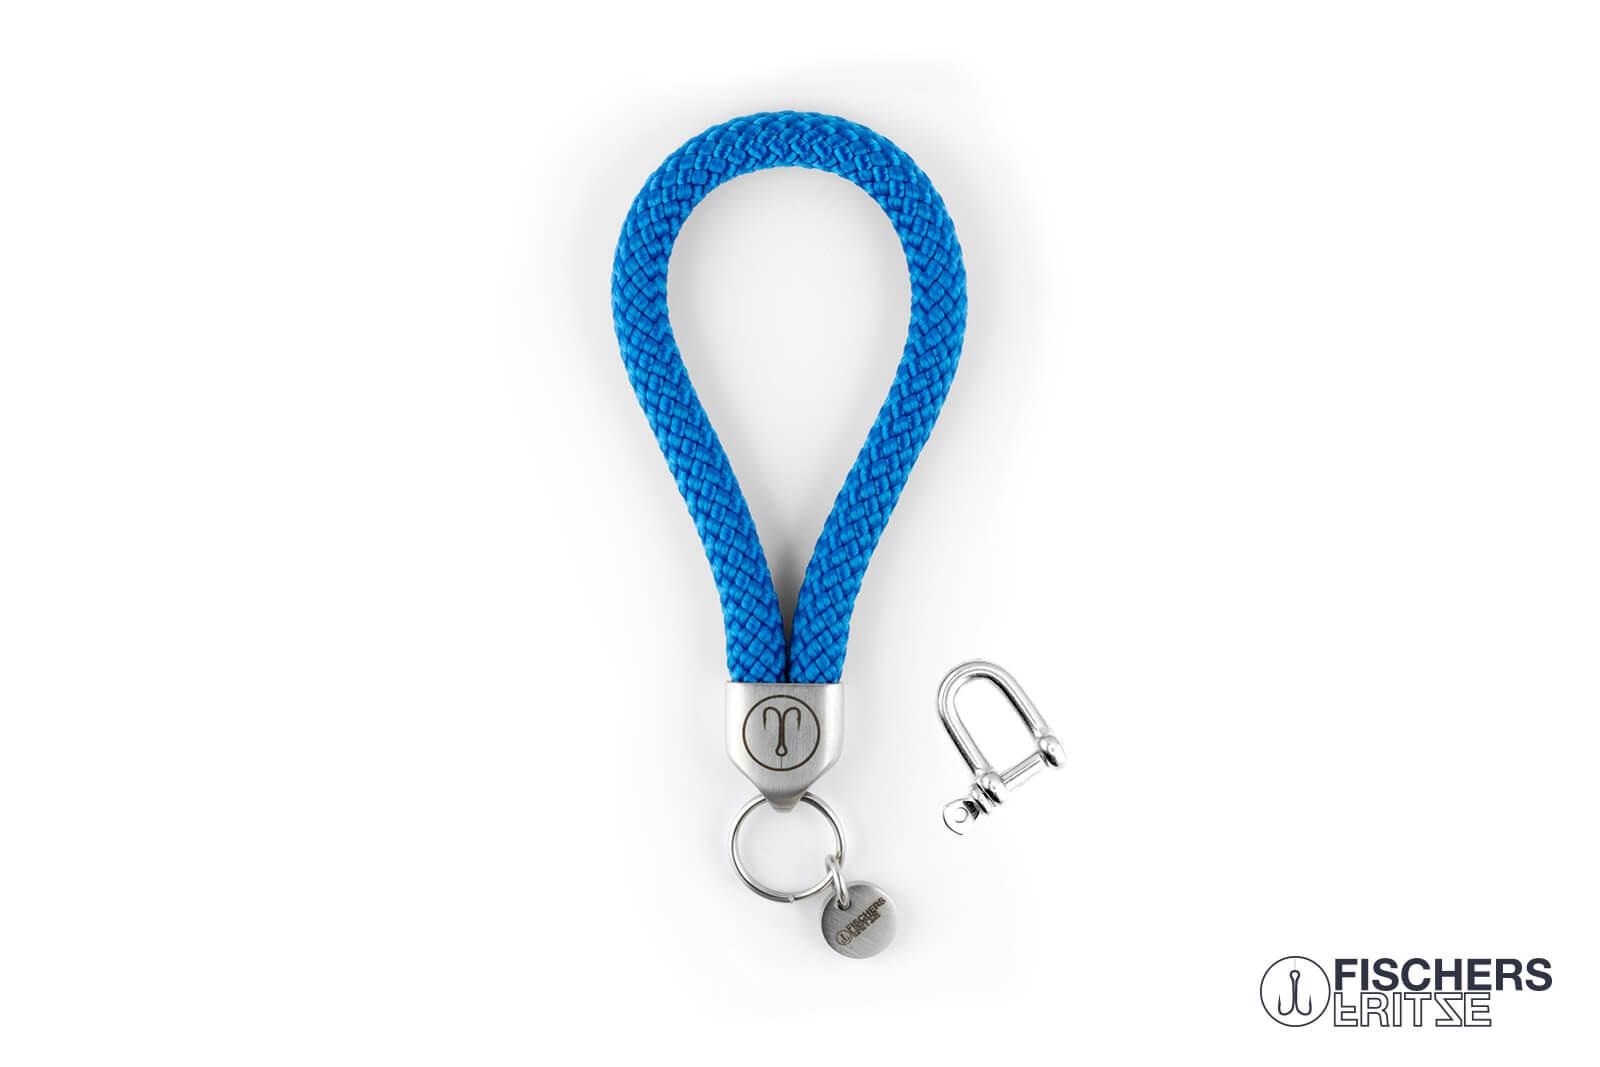 fischers-fritze-segeltau-keychain-schluesselanhaenger-anker-stahlblau